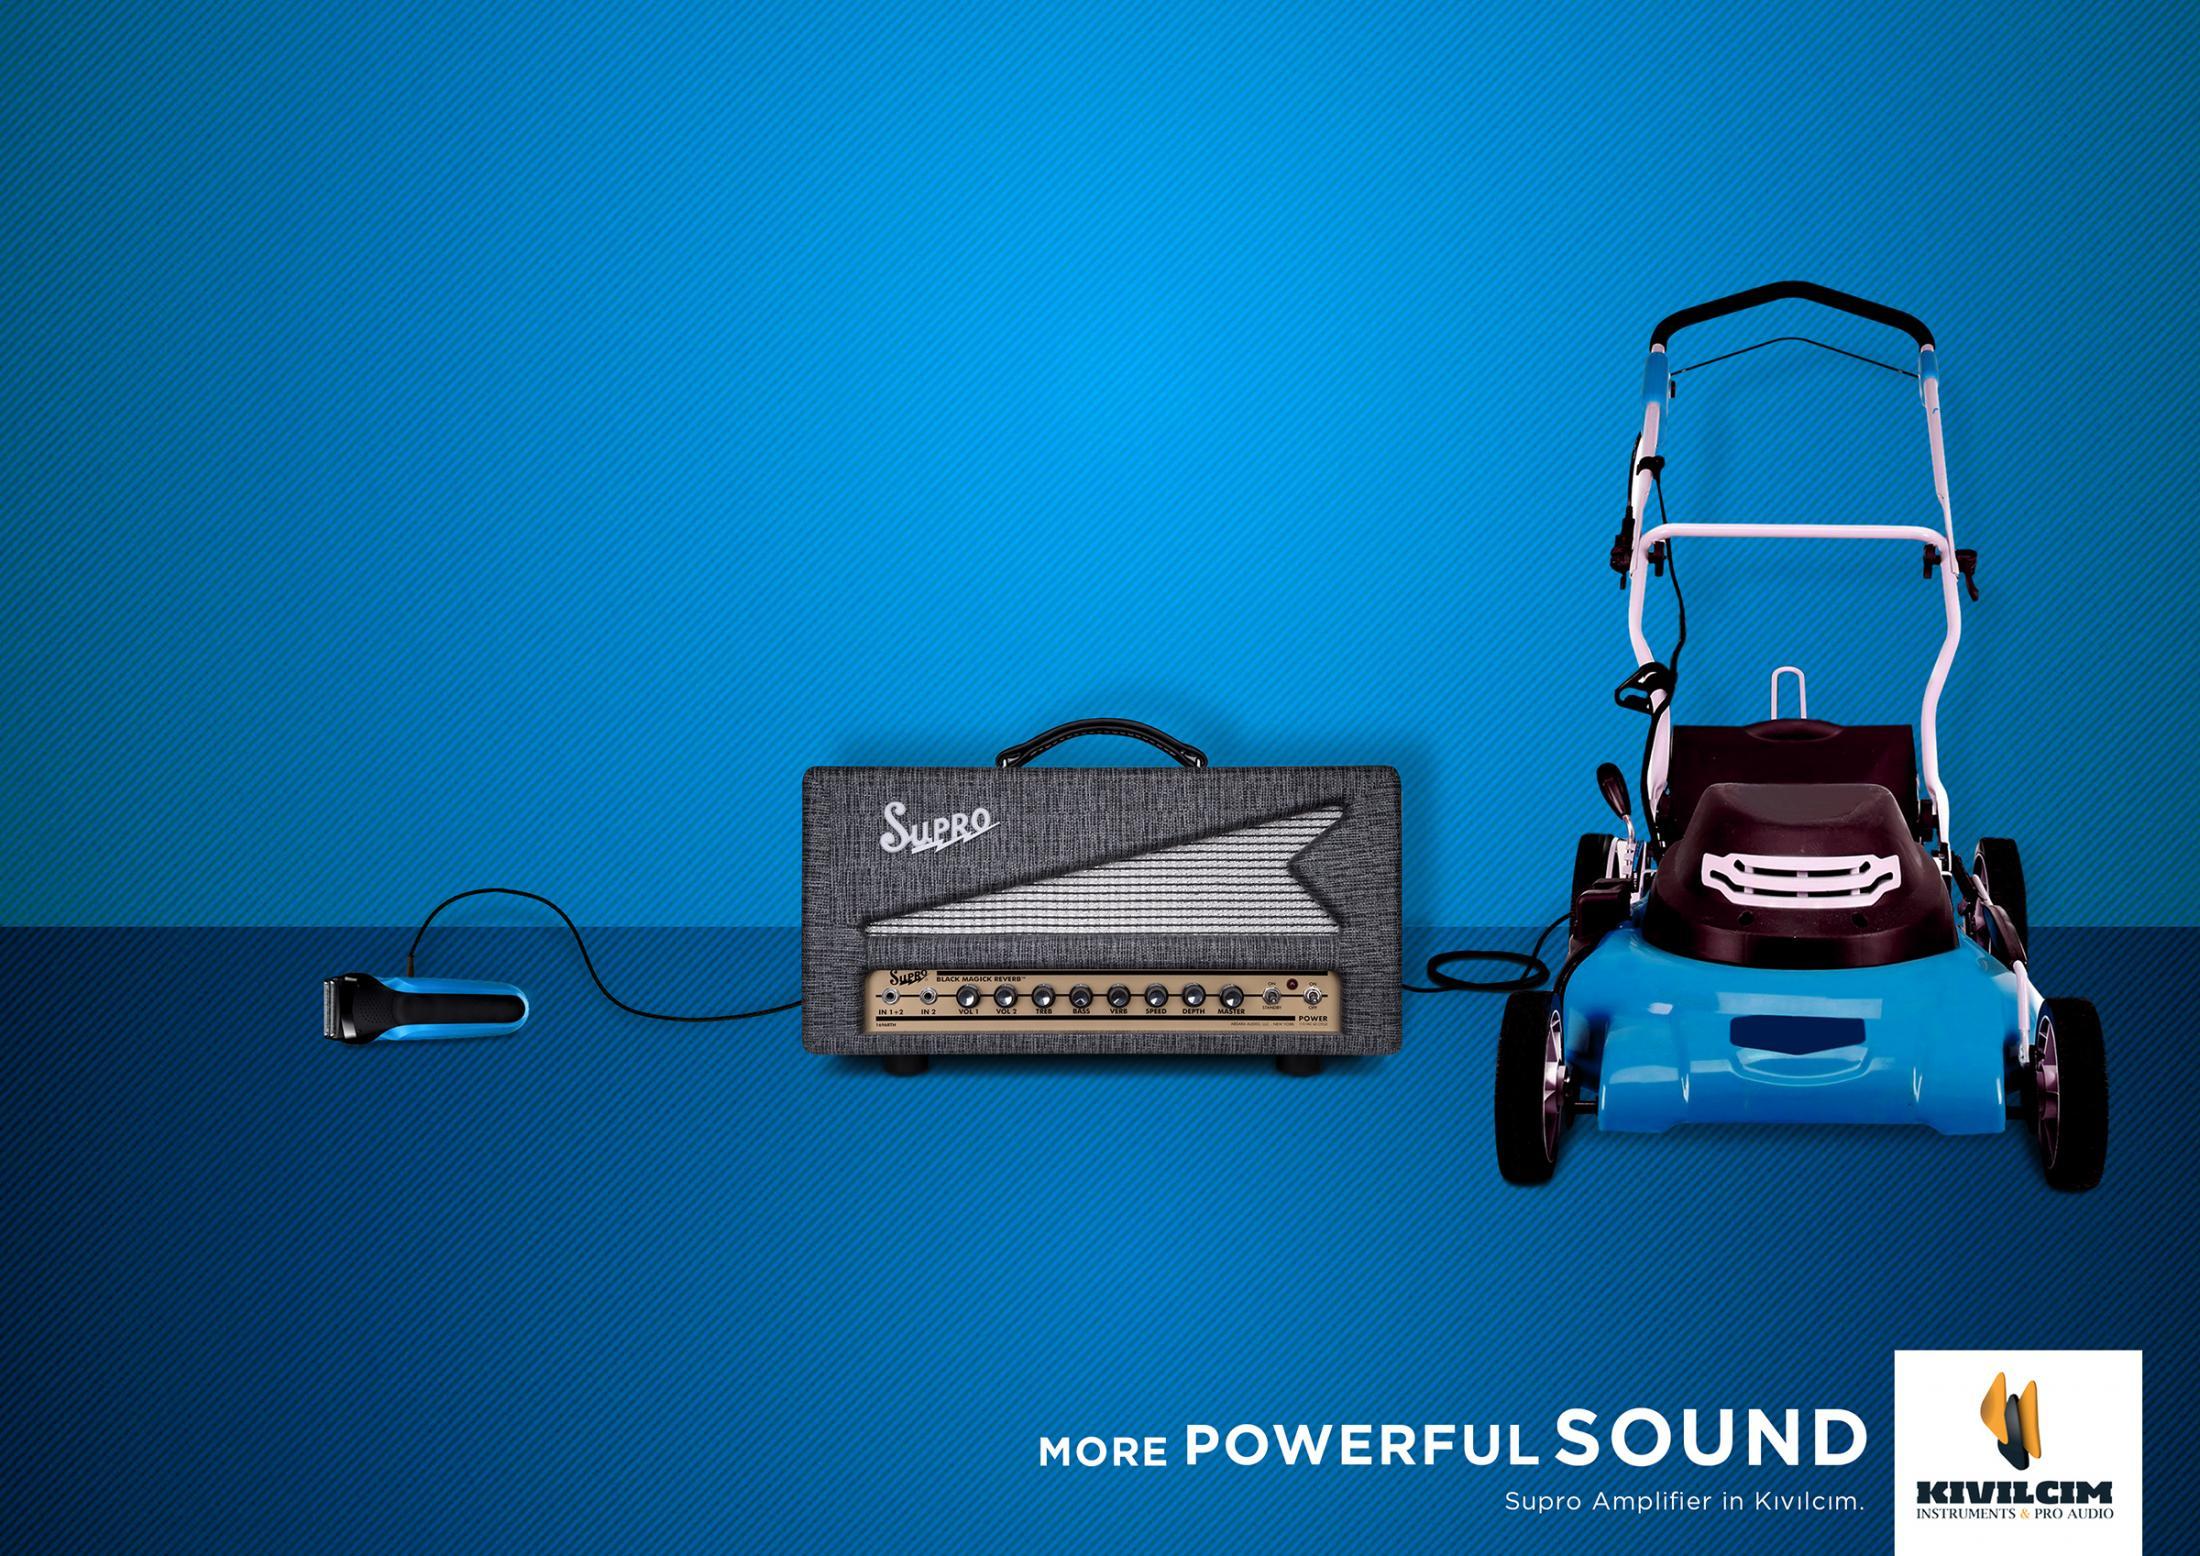 Daha Güçlü Ses, Çim Biçme Makinesi - KIVILCIM MÜZİK-türkiyenin-reklamları